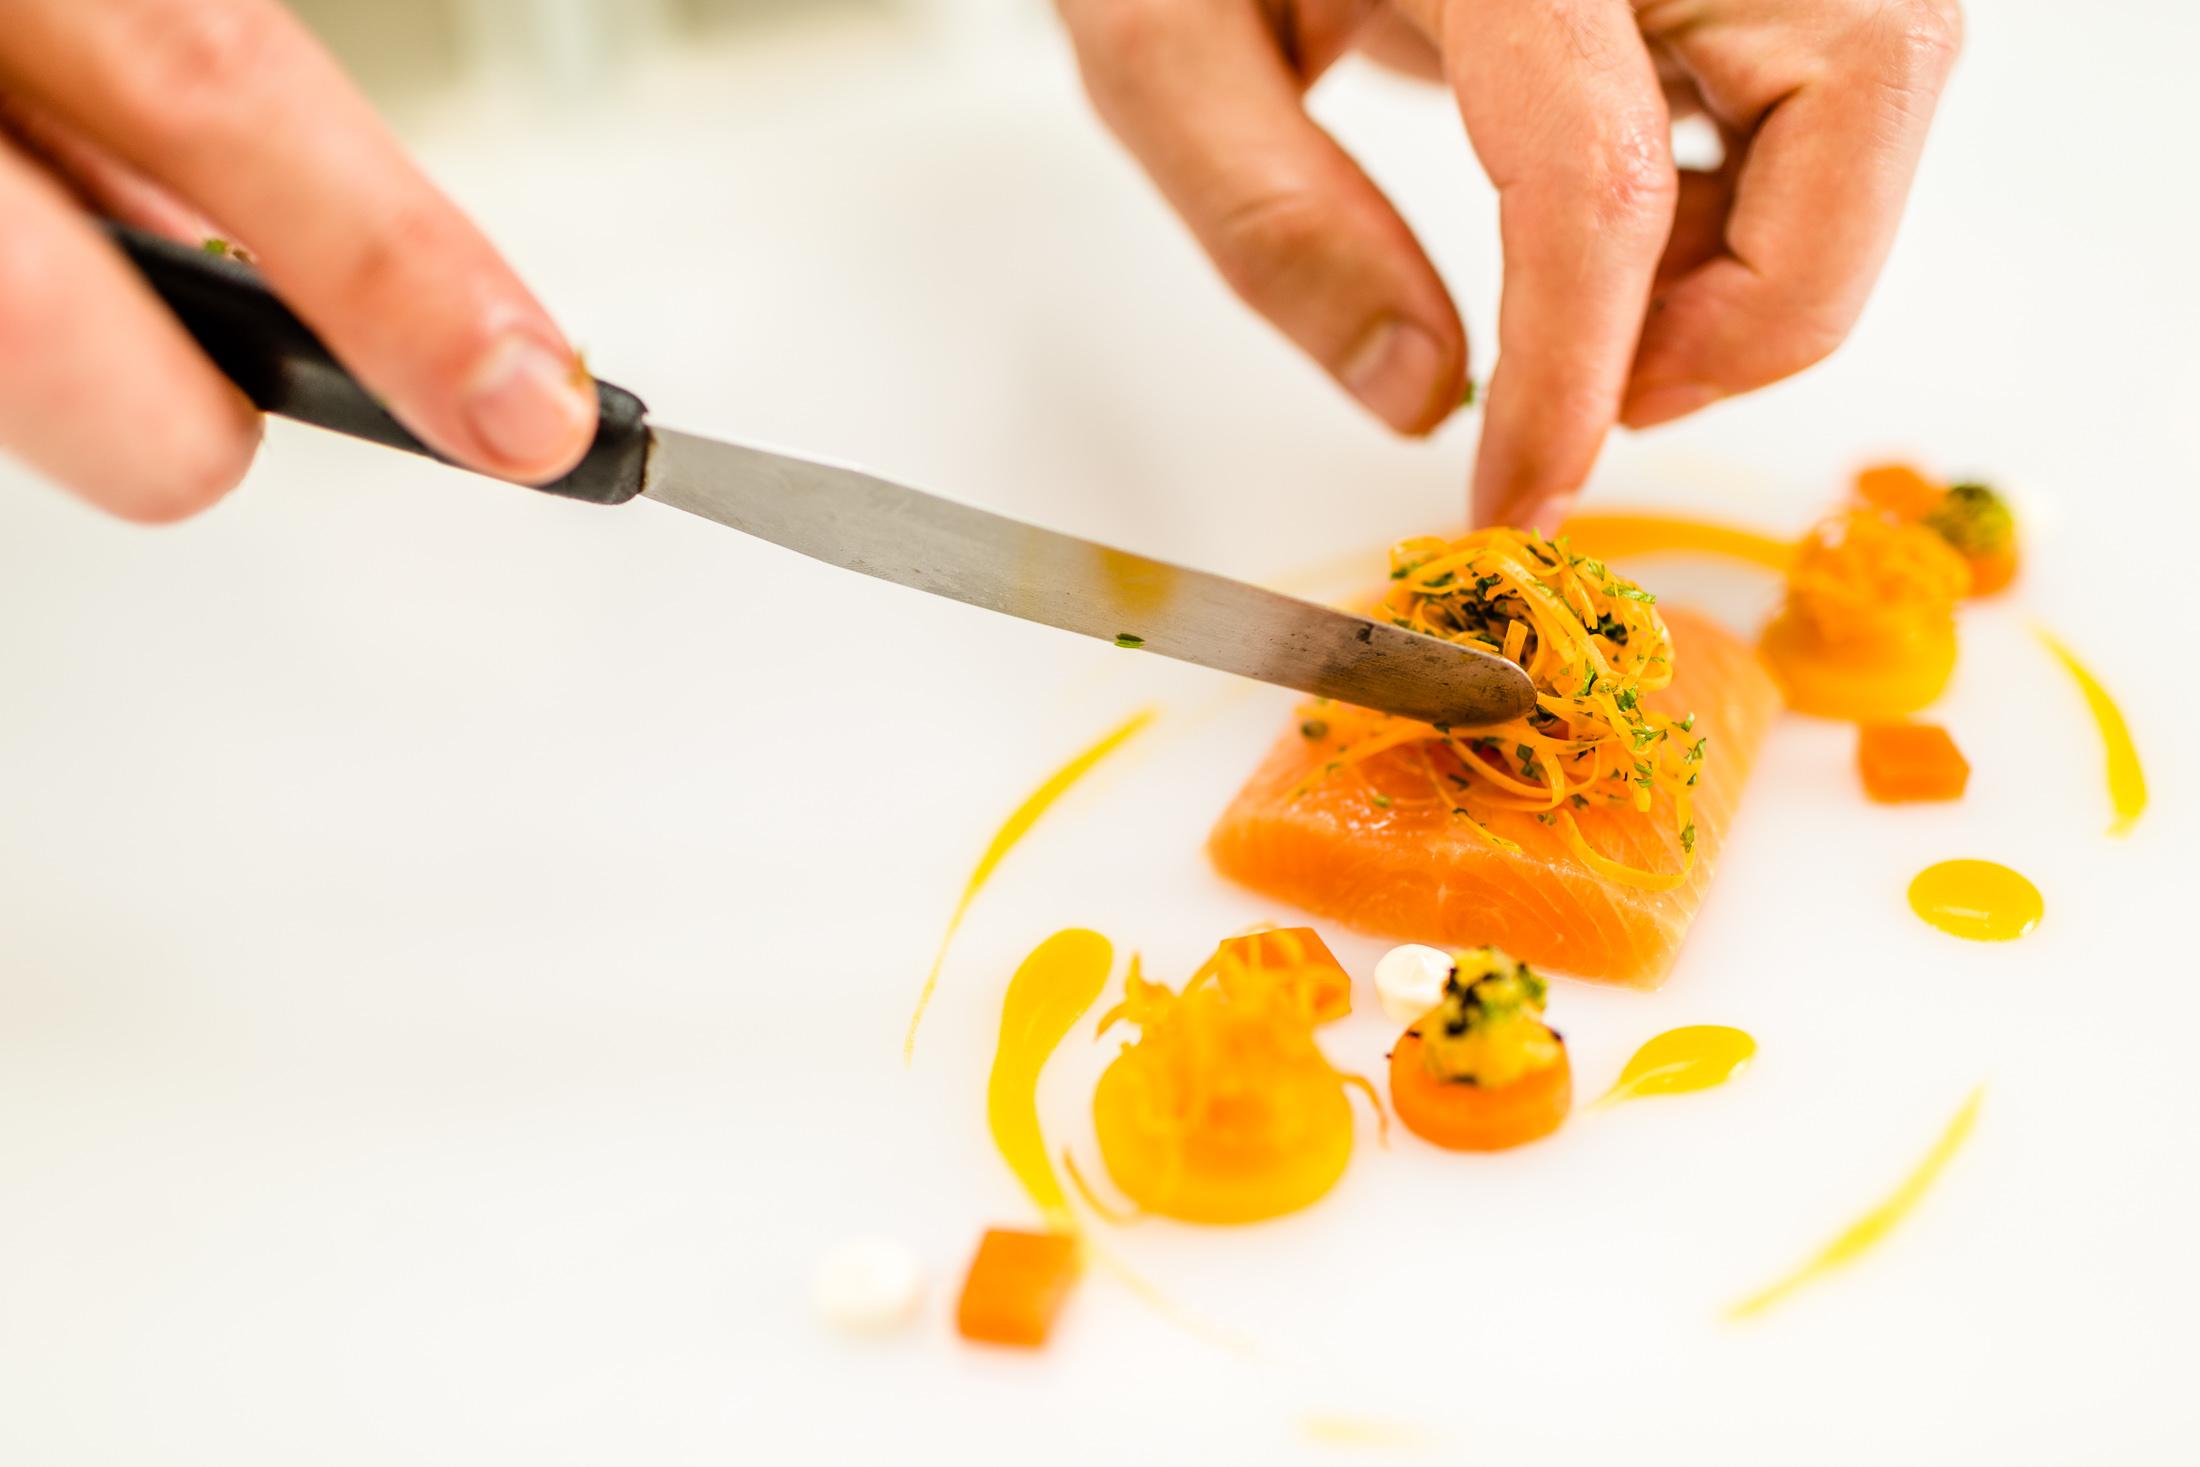 Filetto di salmerino con carote e cerfoglio, ricetta di chef Gerhard Wieser